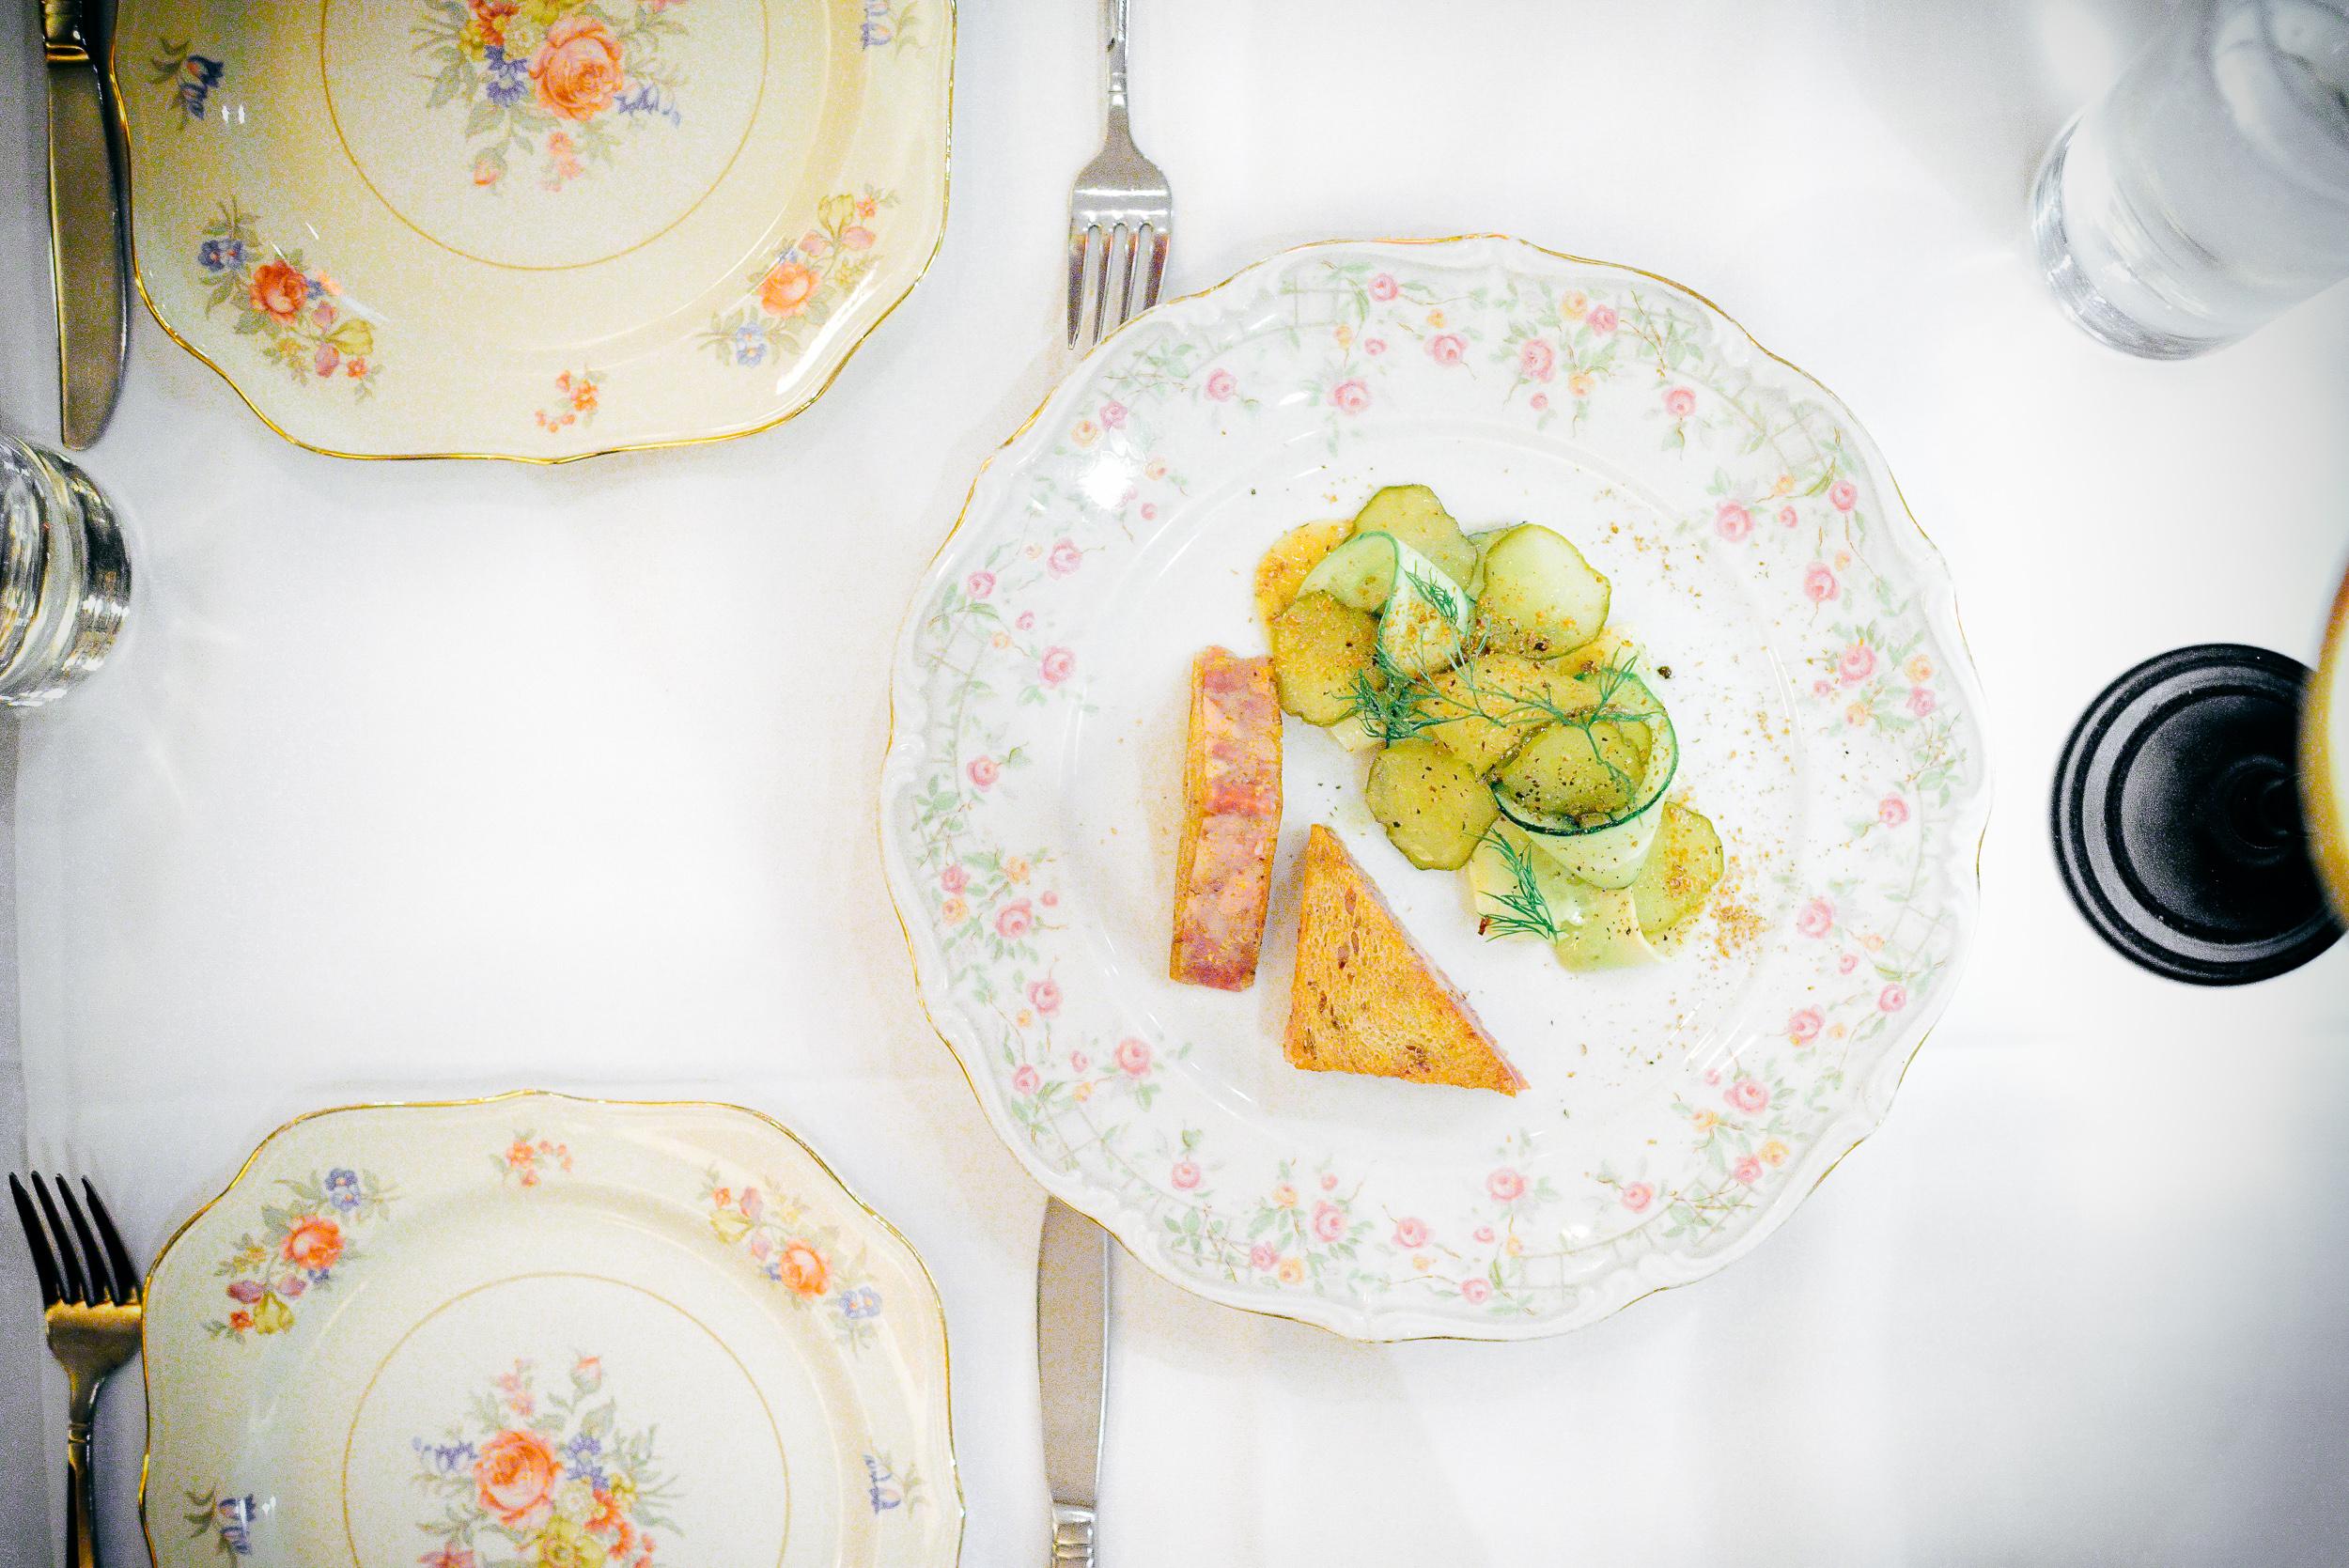 7th Course: Boar's Head sandwich, Cucumbers, coriander, sweet mu